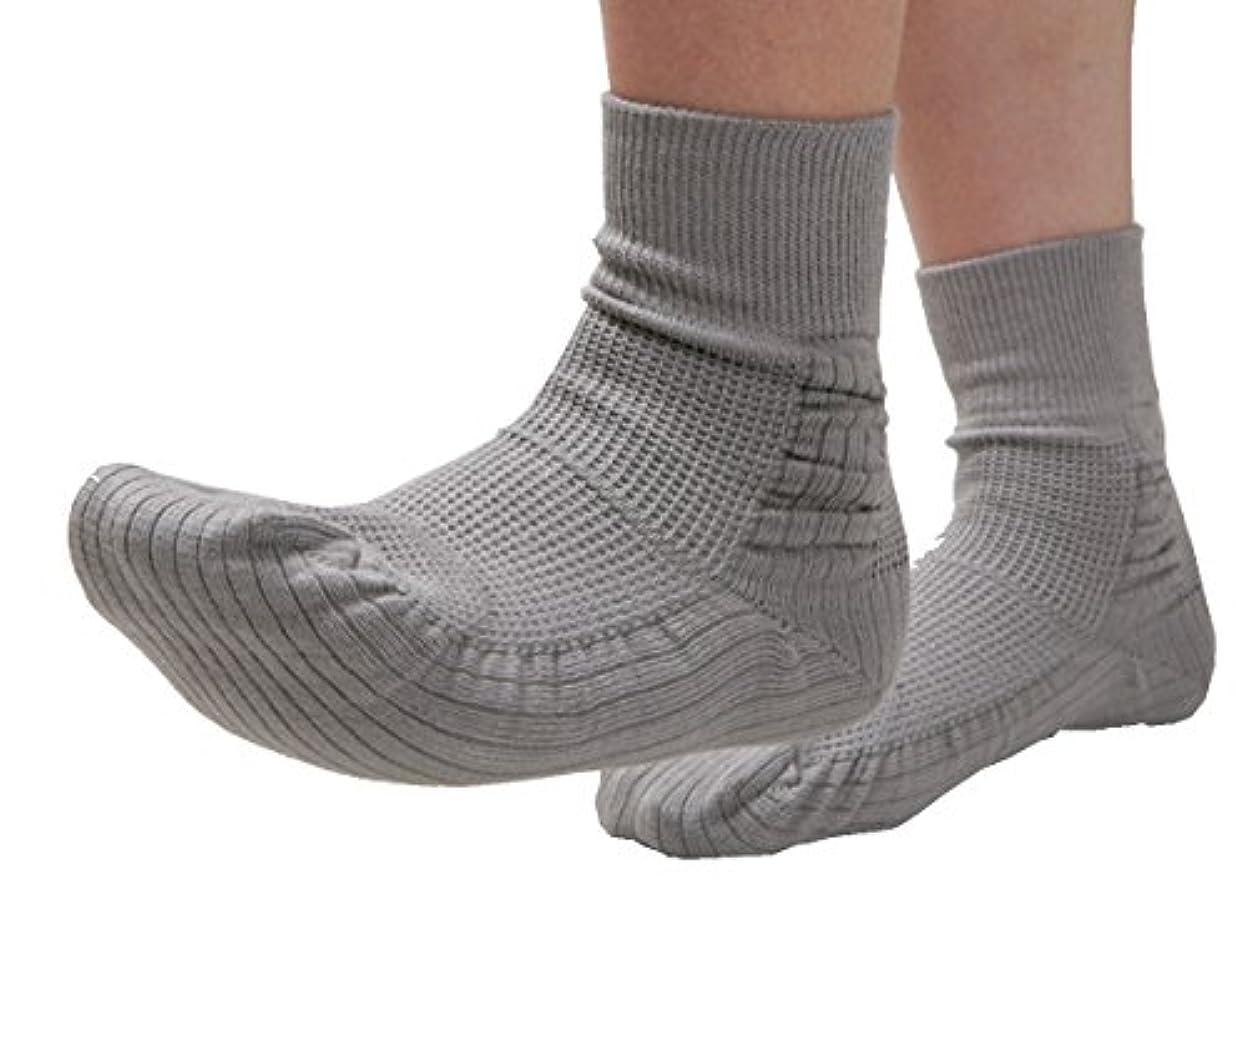 リスキーなラメ確率転倒予防靴下つま先アップ(コーポレーションパールスター?広島大学開発商品)